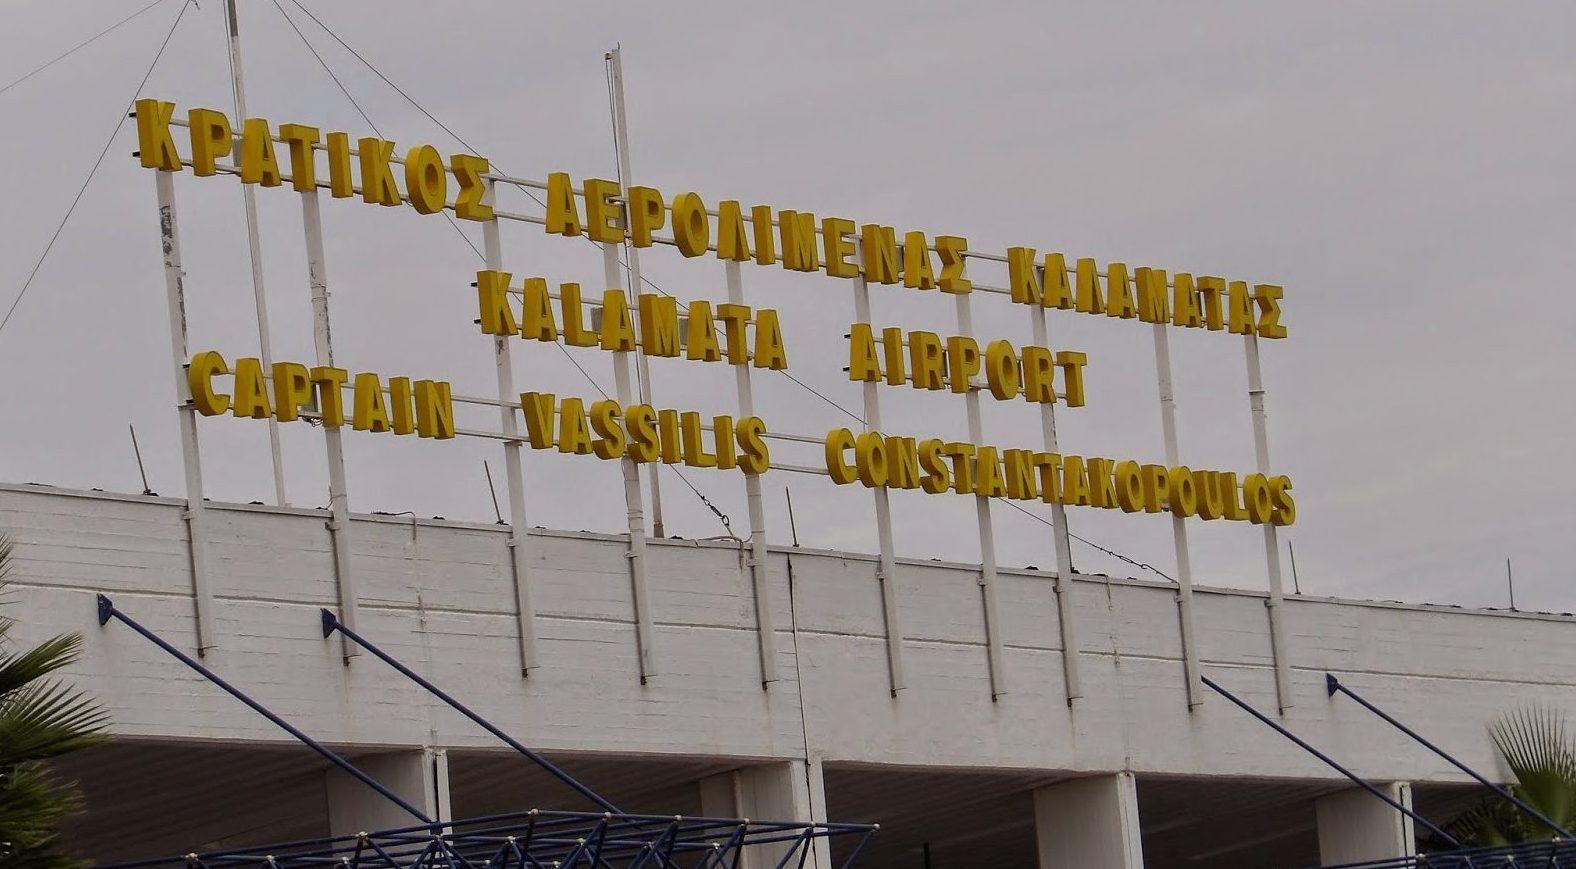 Ιδρύεται Αστυνομικός Σταθμός στο Αεροδρόμιο Καλαμάτας